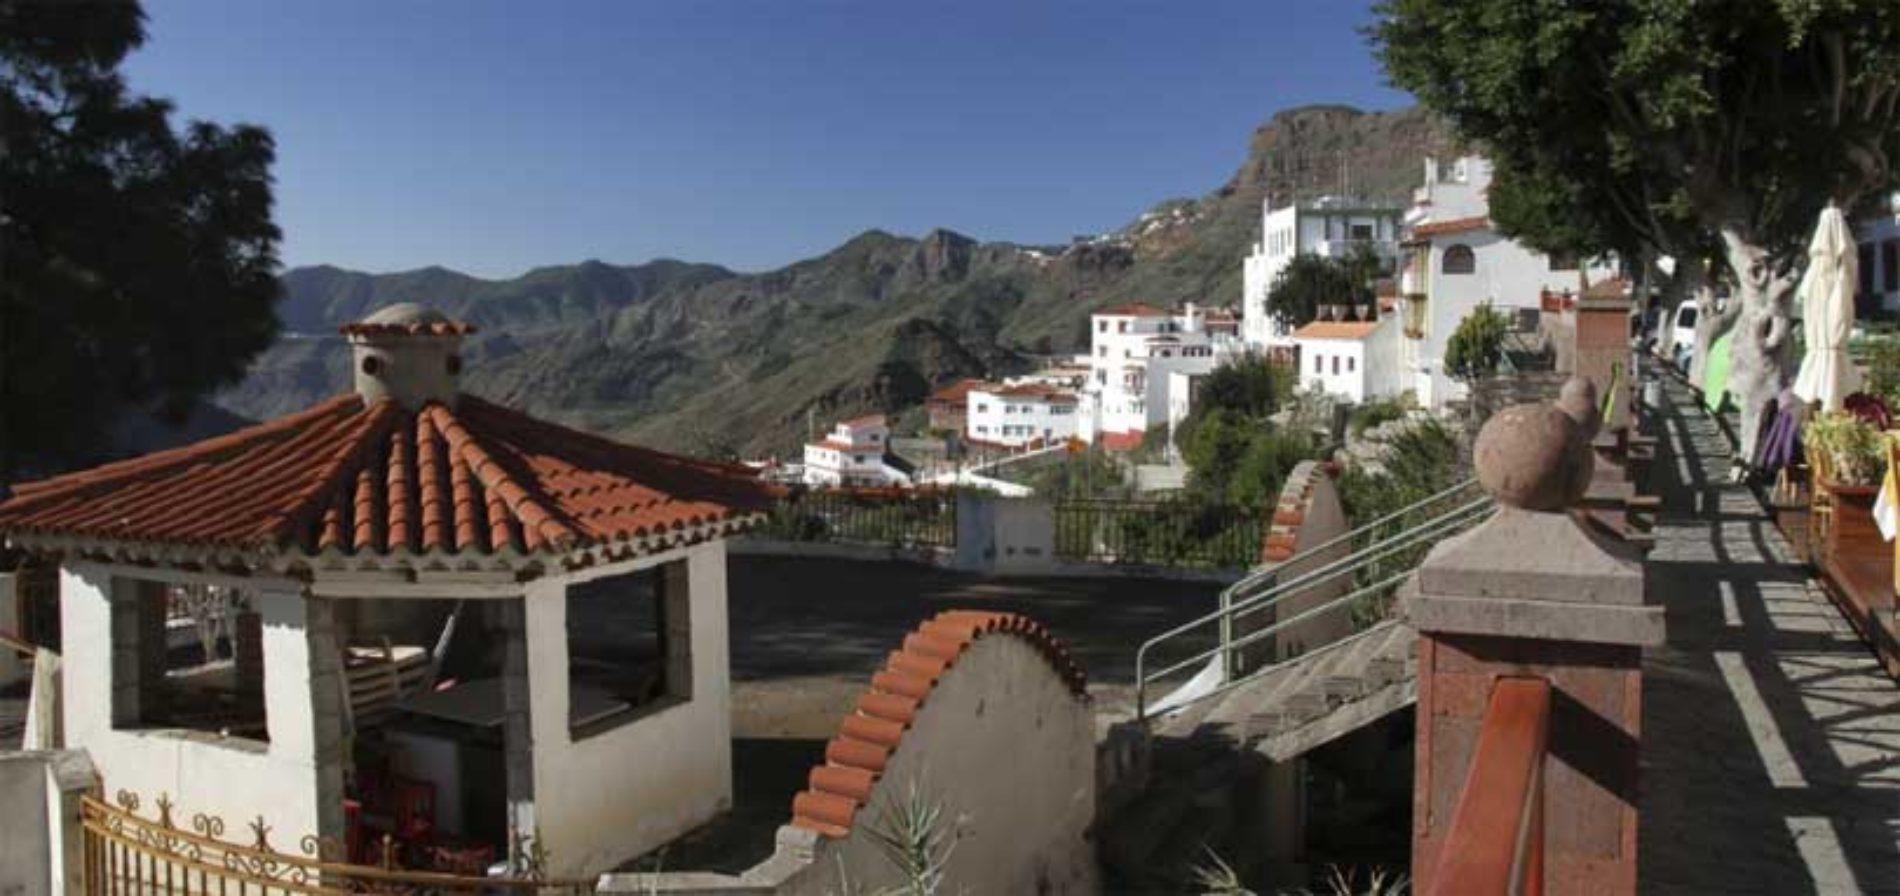 Byer og landsbyer på Gran Canaria